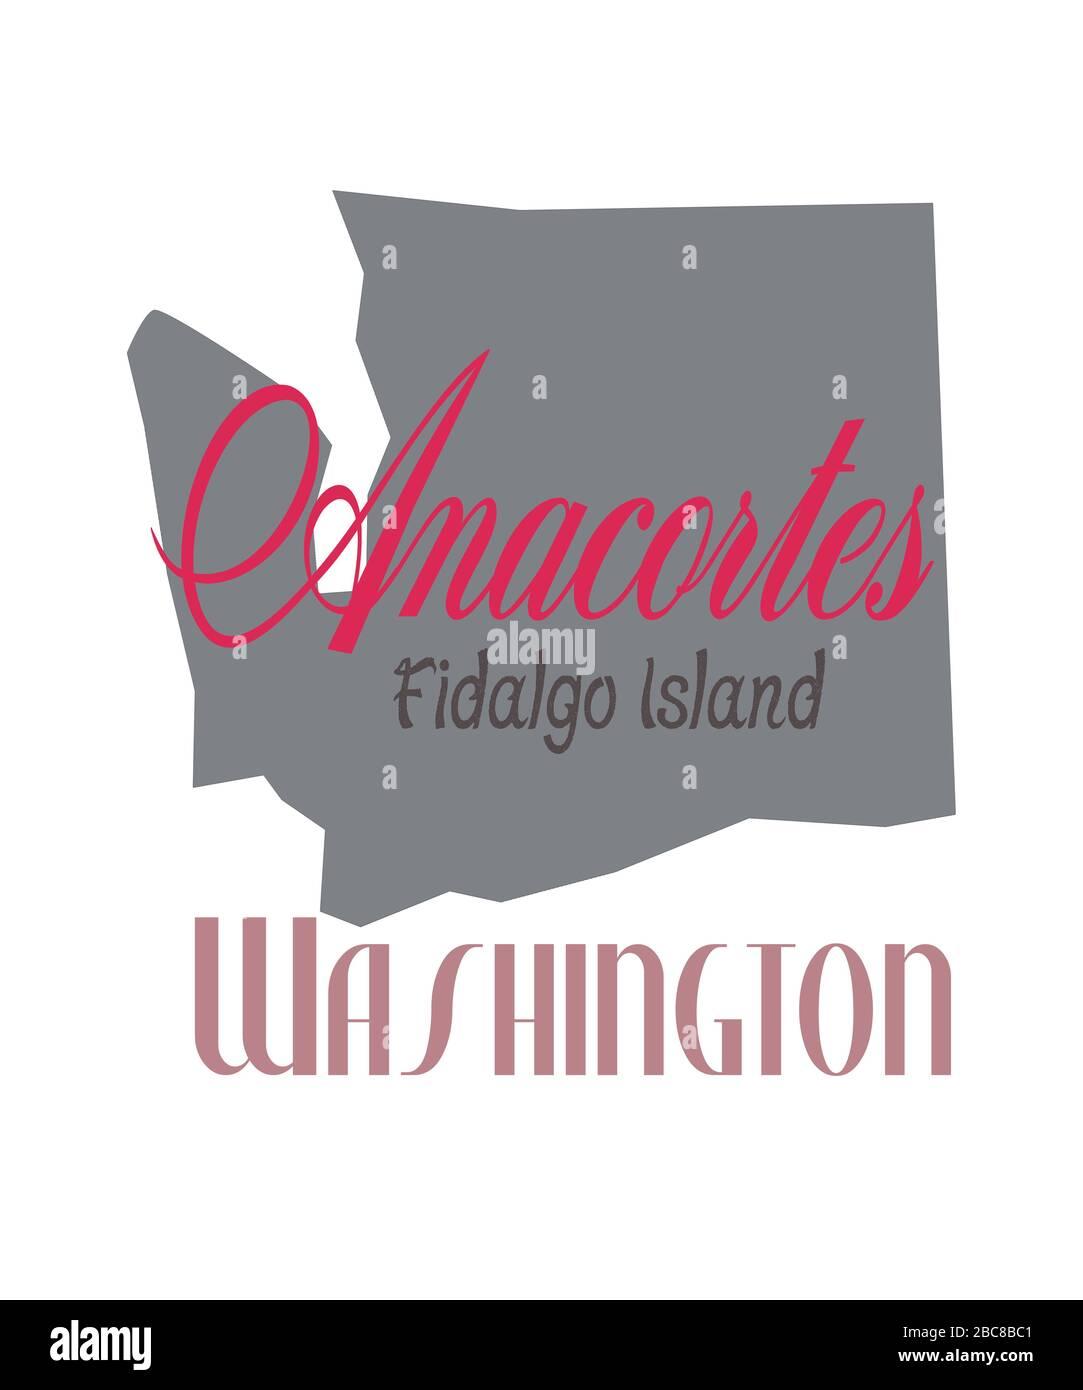 Anacortes Washington graphique en forme d'état de Washington. Situé dans le comté de Skagit sur l'île Fidalgo illustration en gris, et pinks. Banque D'Images